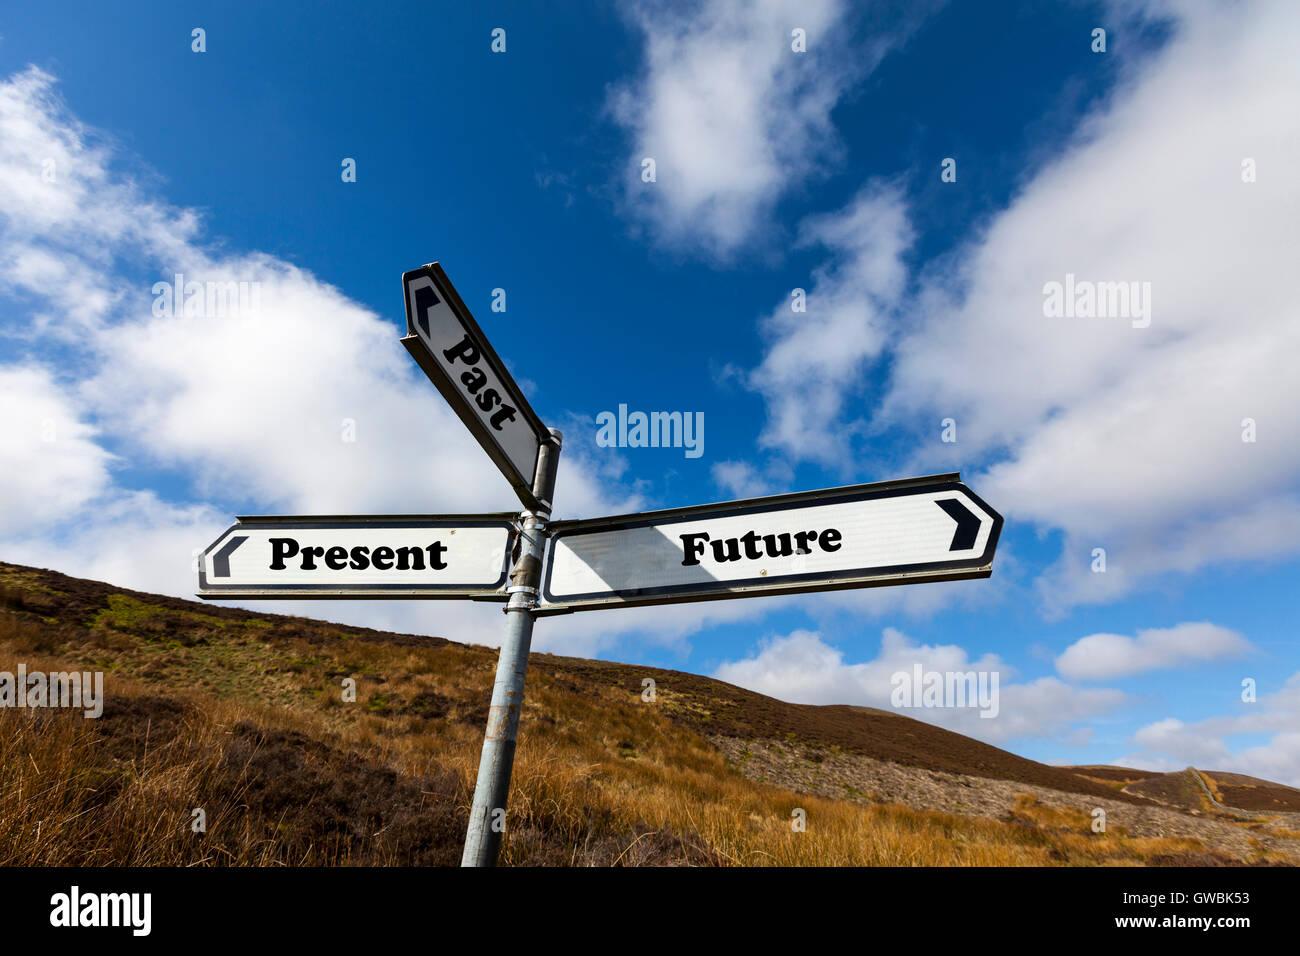 Passato Presente Futuro vivere modo segno parole direzioni direzione scelta opzioni opzione scegliere modo nella Immagini Stock